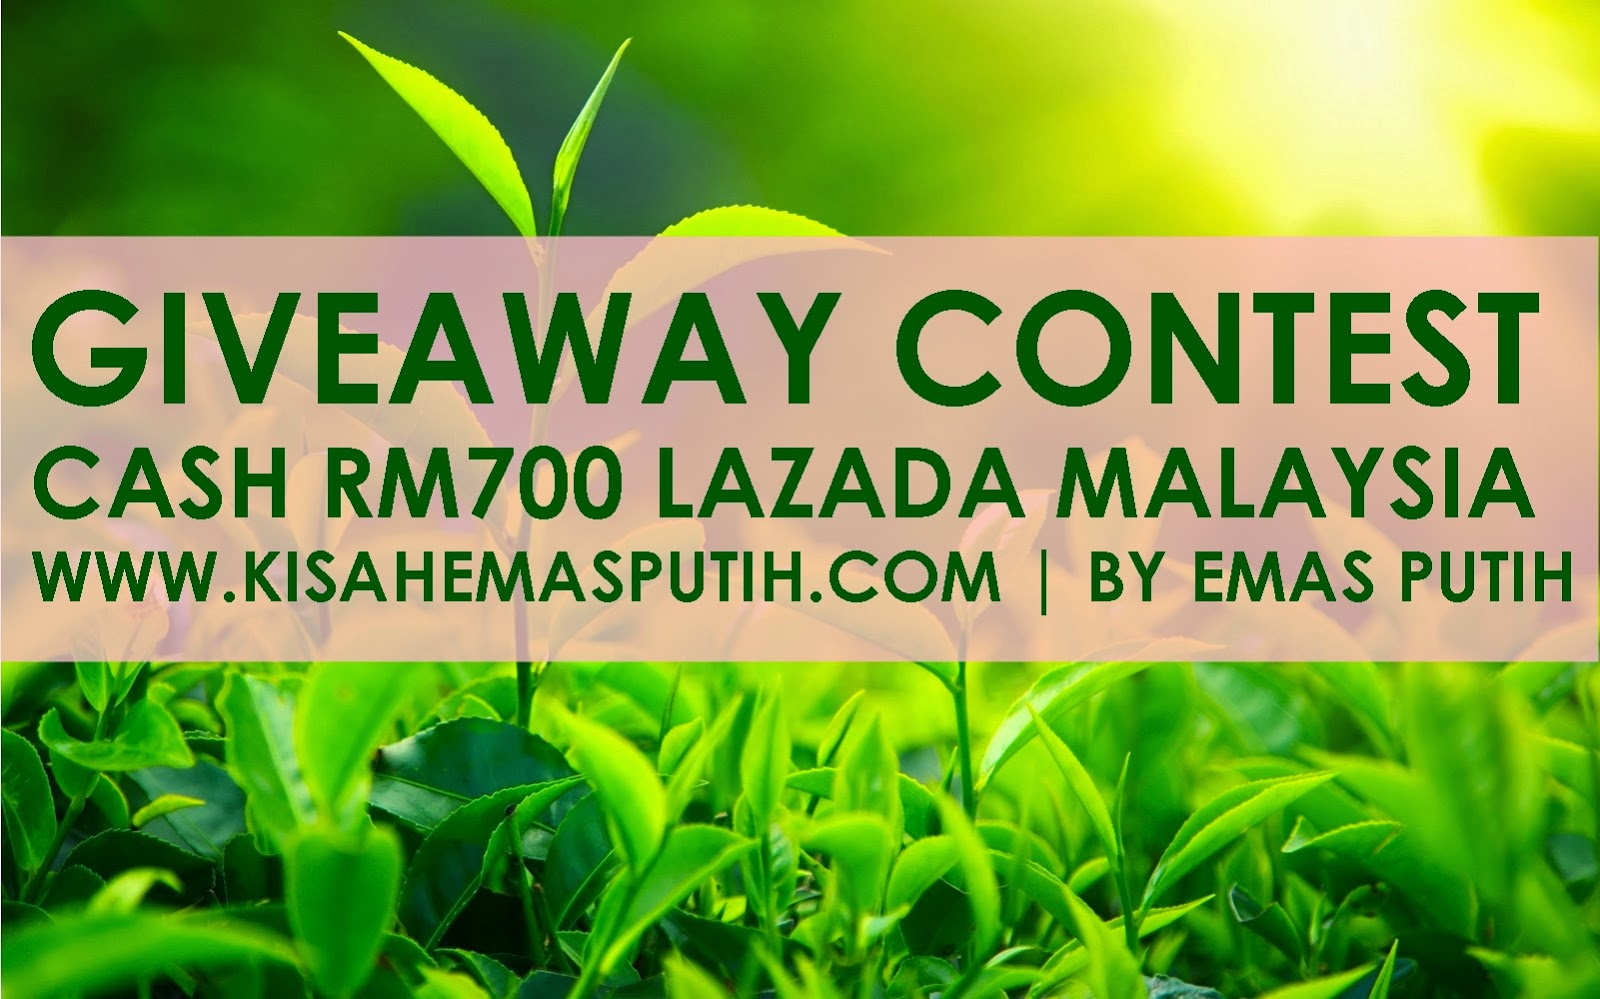 Giveaway Contest RM700 Jualan Hebat Lazada Malaysia 11/11 by Emas Putih .